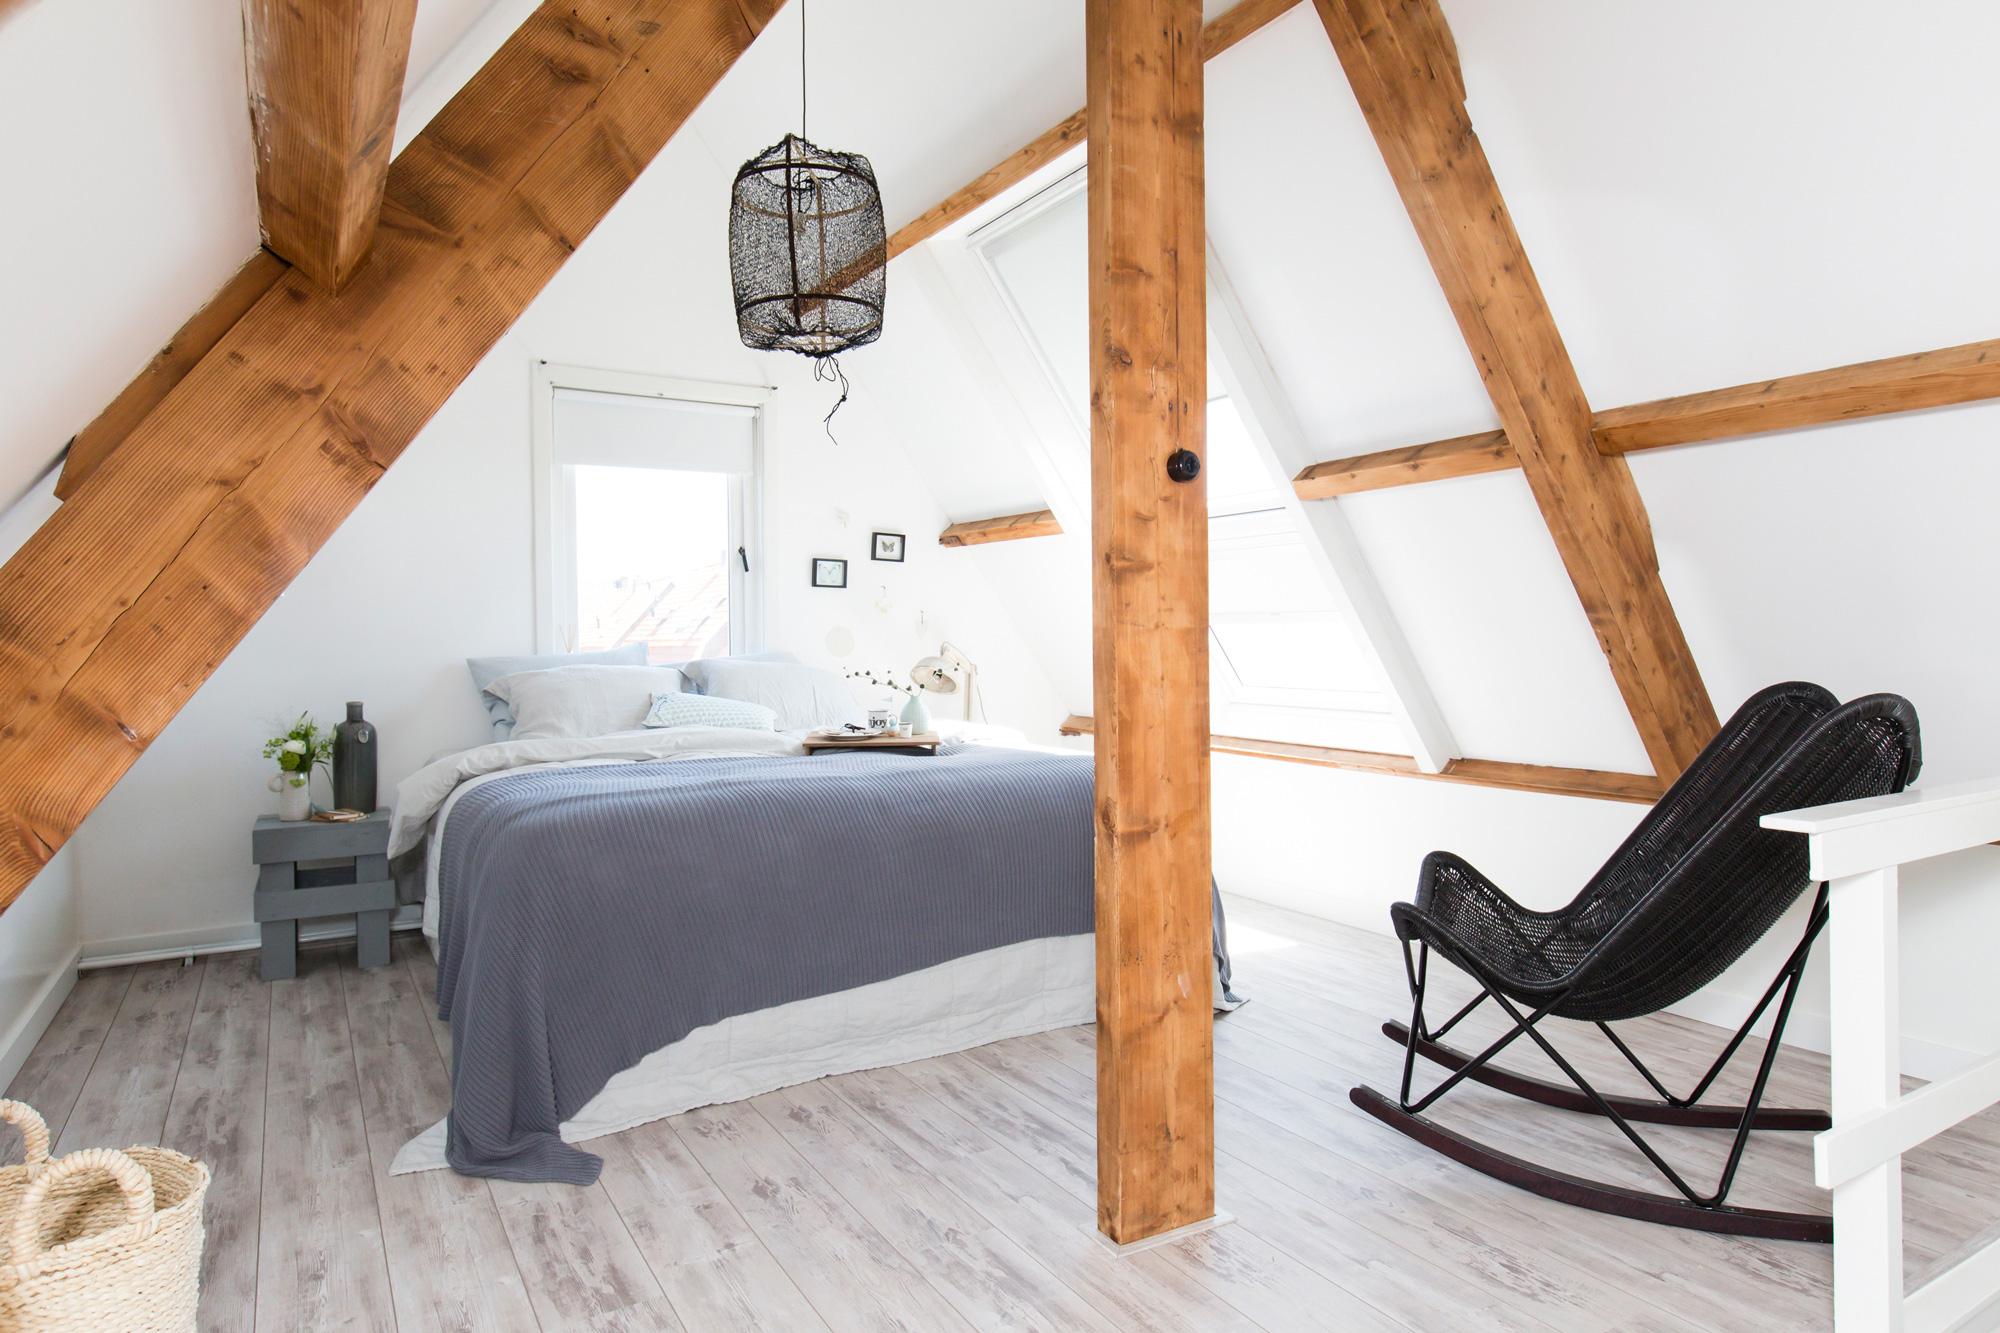 zolder slaapkamer-findio